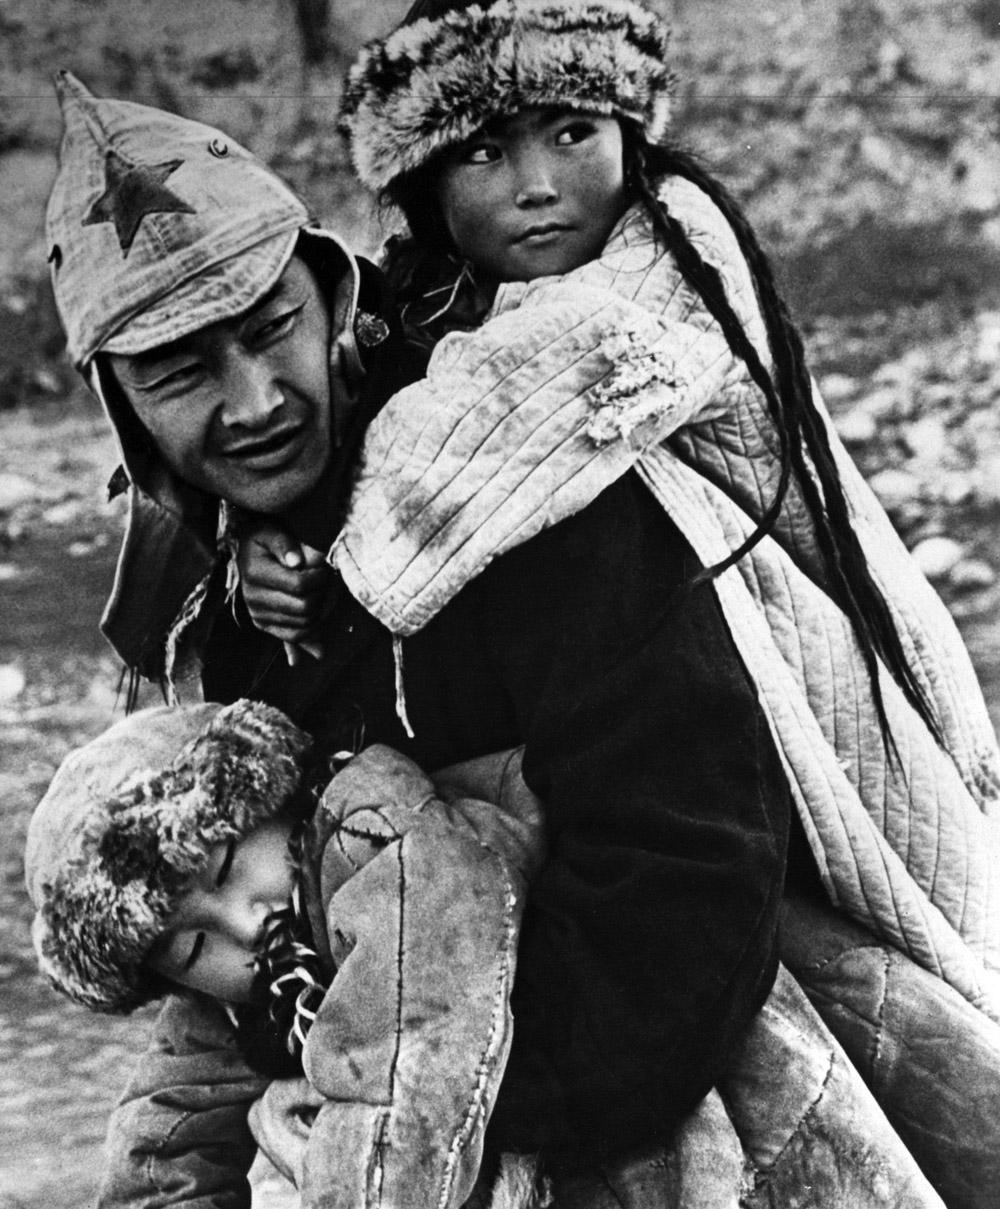 Cảnh trong phim Người thầy đầu tiên năm 1965, chuyển thể từ tiểu thuyết cùng tên của nhà văn Chinghiz Aitmatov